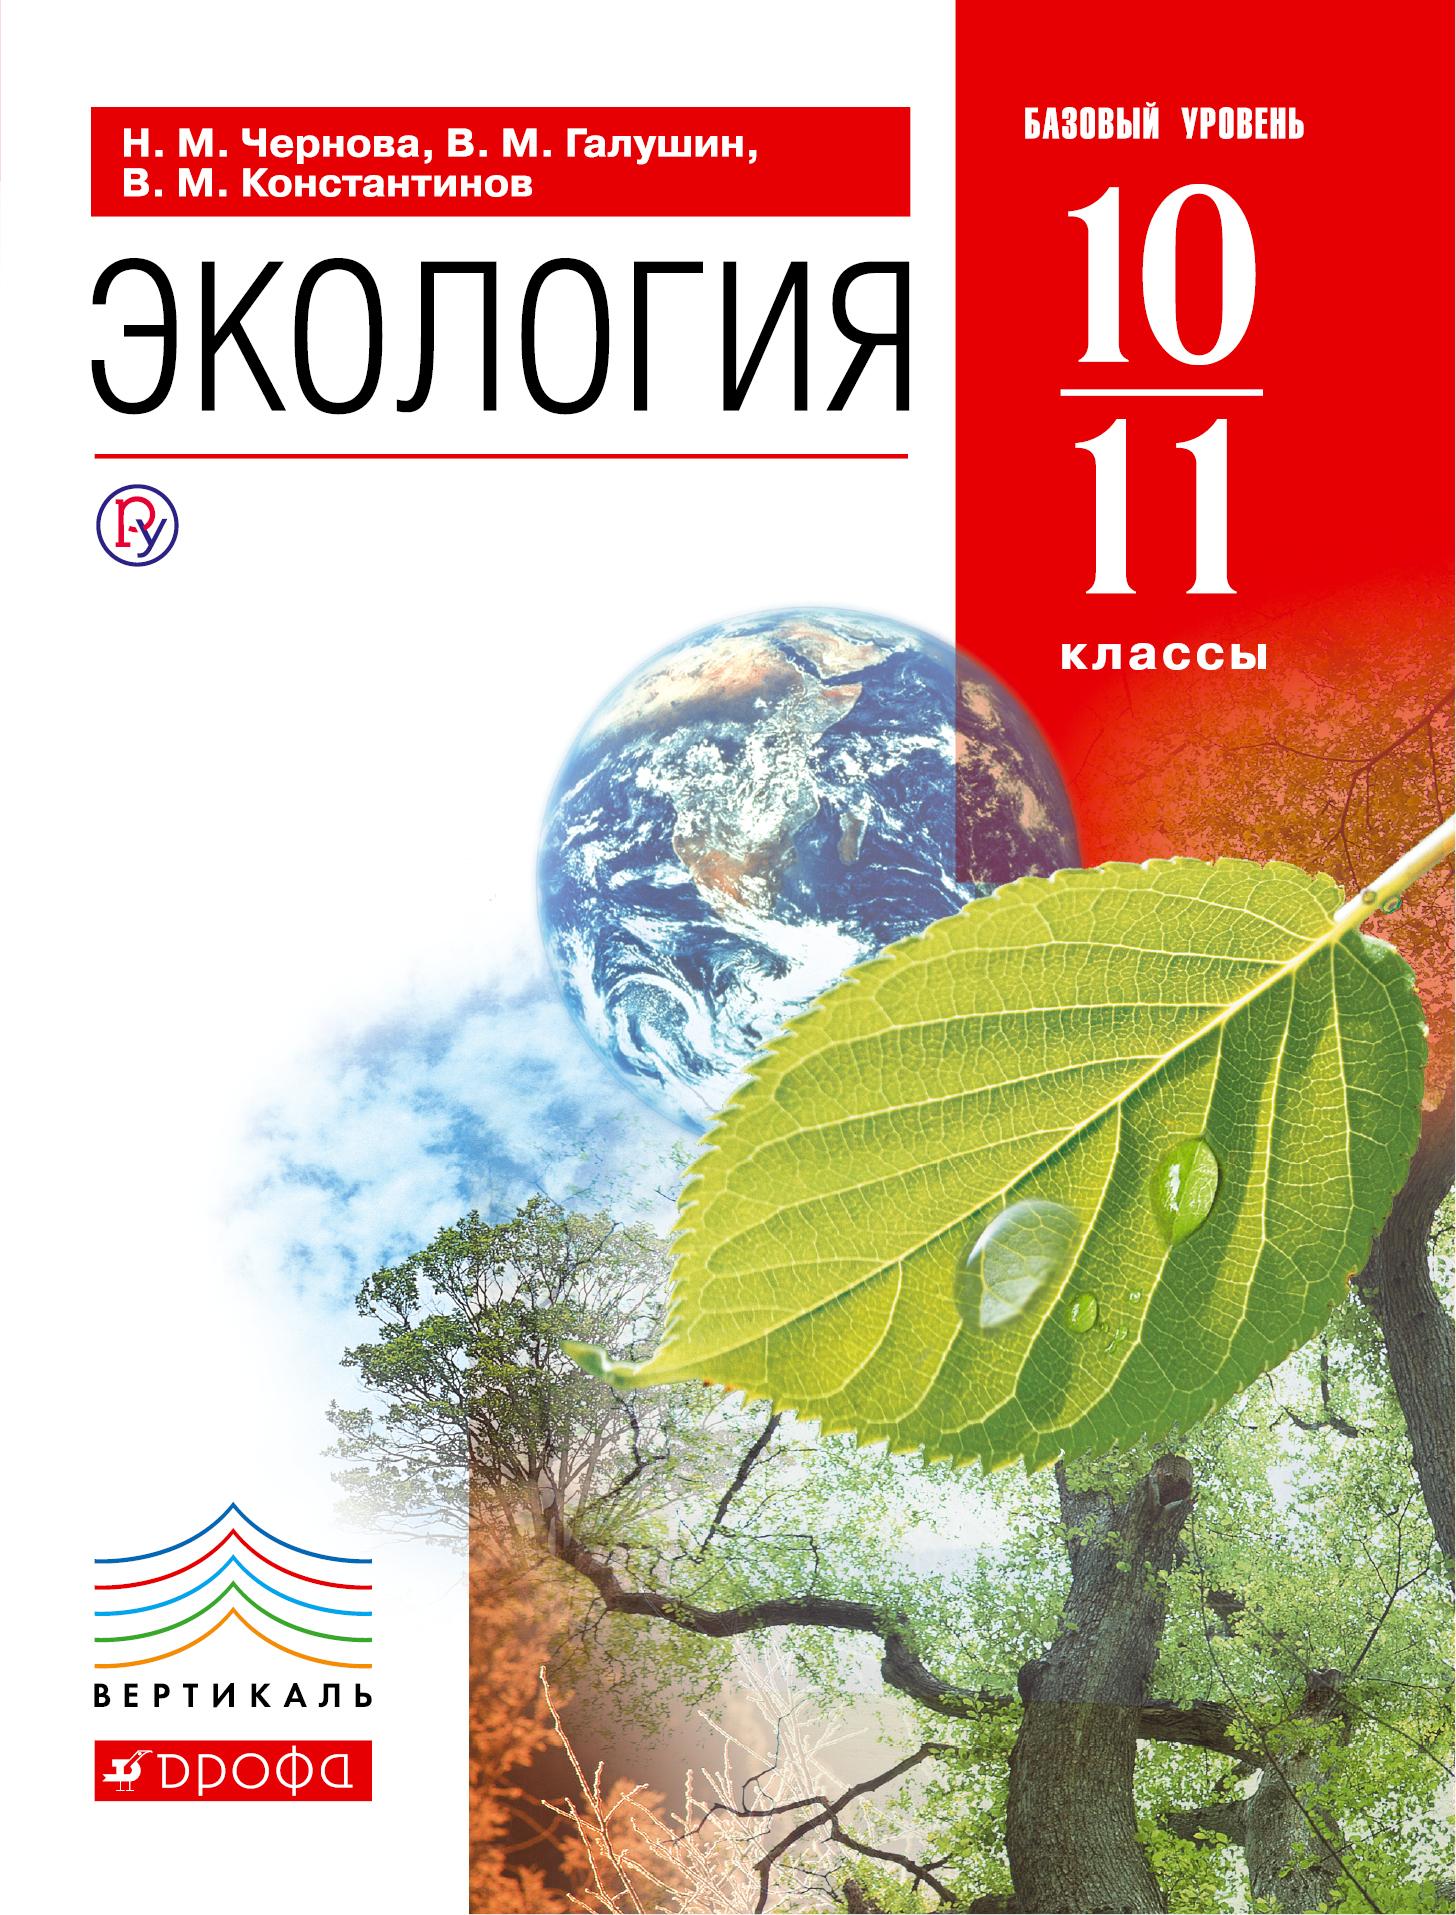 Н. М. Чернова Экология. Базовый уровень. 10–11 классы ISBN: 978-5-358-11653-5 н м чернова в м галушин в м константинов экология 10 11 классы базовый уровень учебник